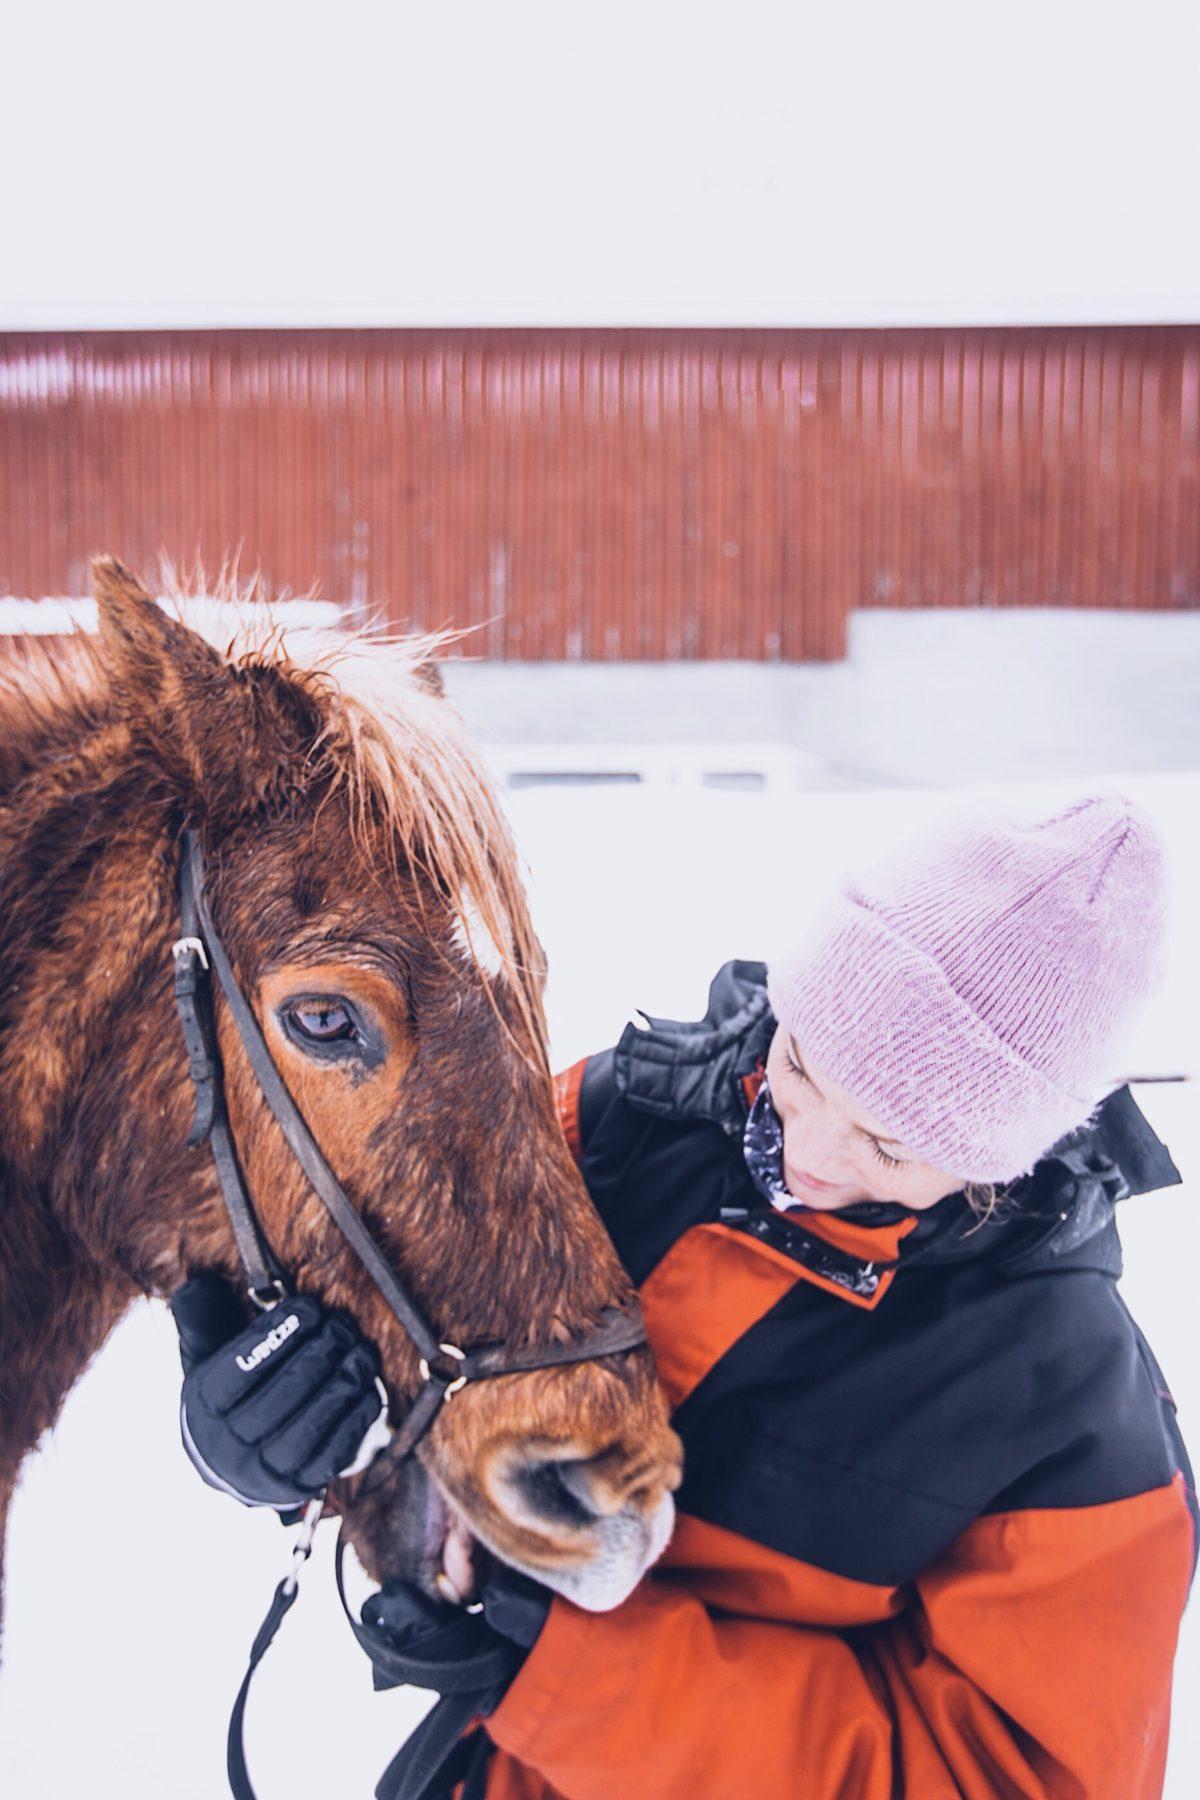 Finnland im Winter, Tipps, Koli, Islandpferde, Ausreiten im Schnee